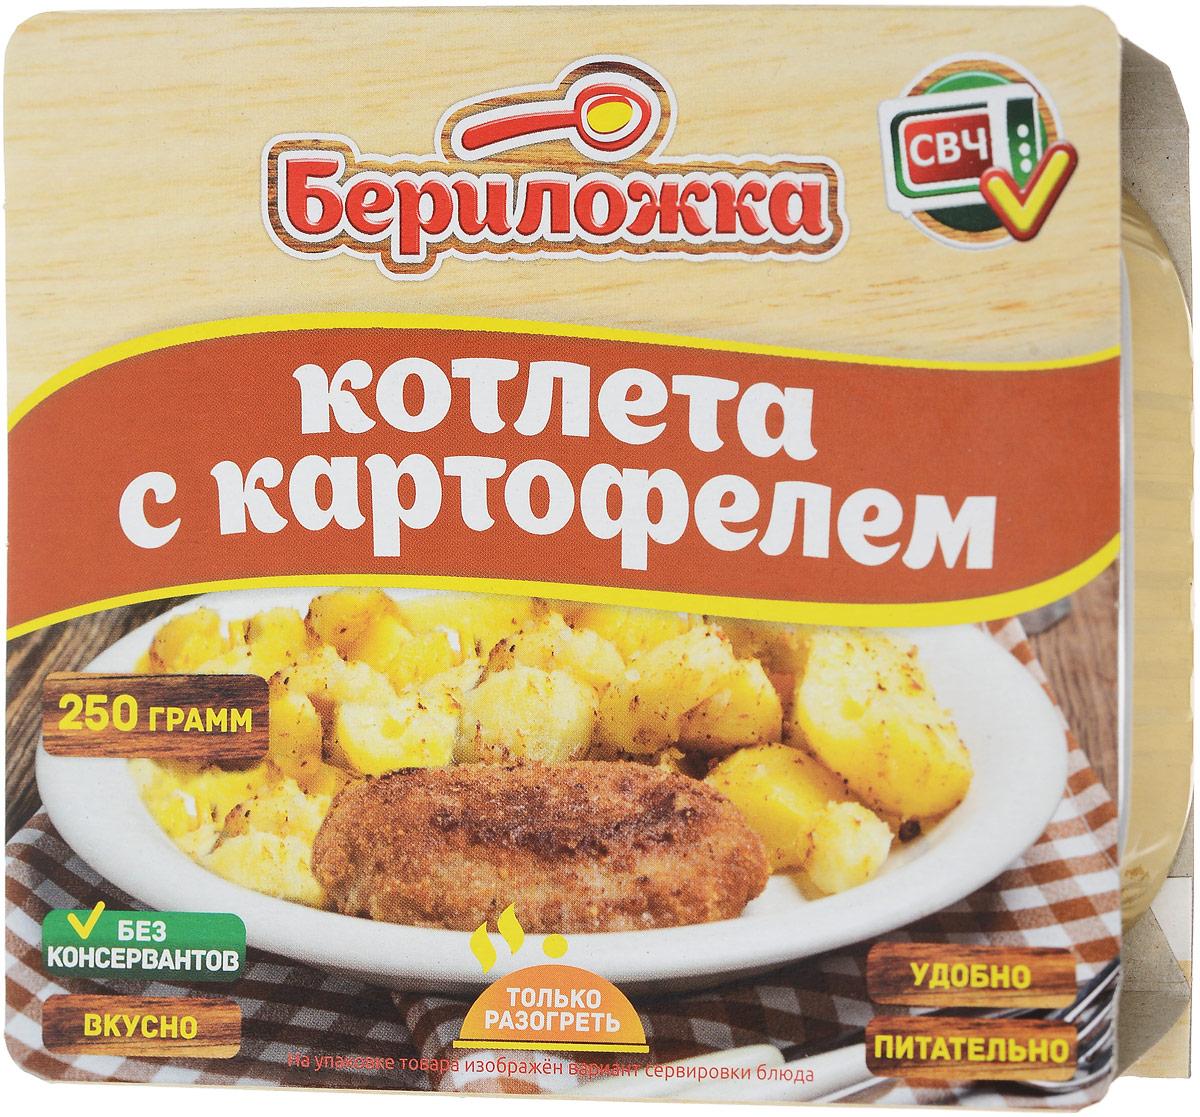 Бериложка котлета с картофелем, 250 г6121Котлета с картофелем Бериложка - мясорастительные консервы, стерилизованные.Перед употреблением рекомендуется разогреть. Продукт не содержит ГМО, консервантов.Уважаемые клиенты! Обращаем ваше внимание, что полный перечень состава продукта представлен на дополнительном изображении.